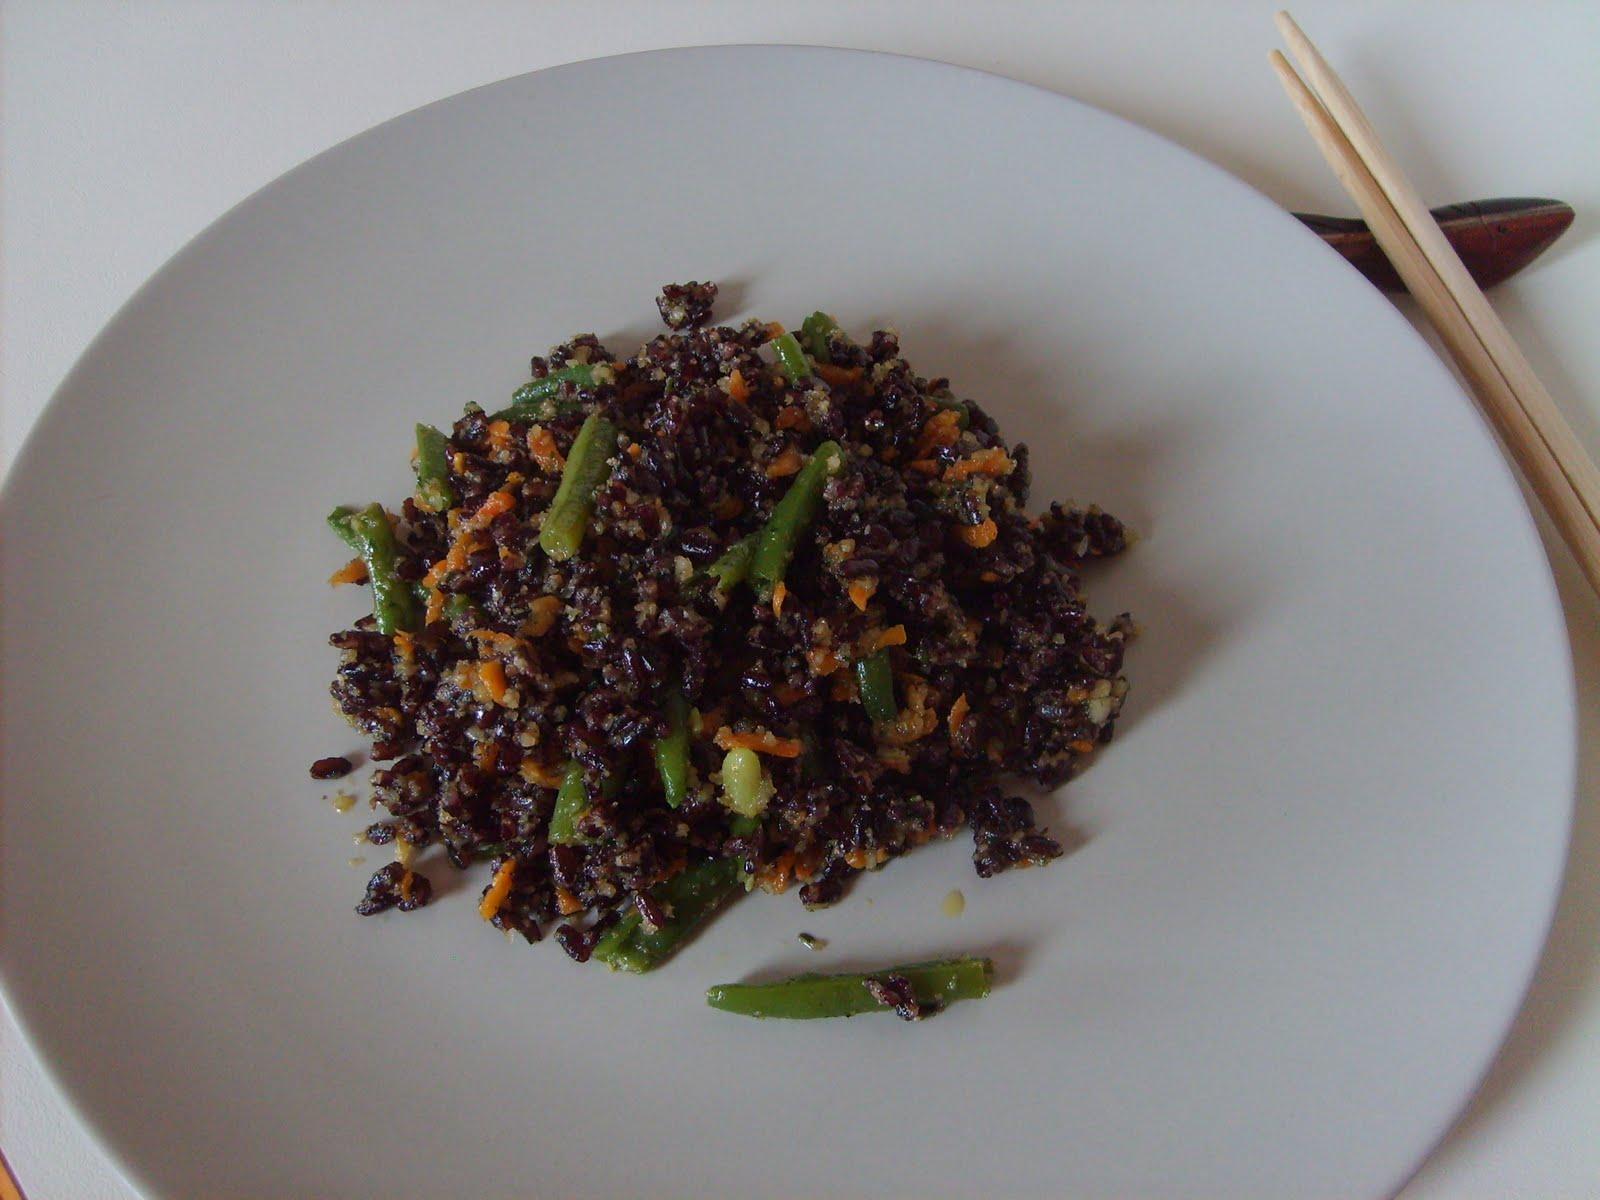 Vissi d 39 arte e di cucina riso venere con verdure e pesto for Cucinare riso venere